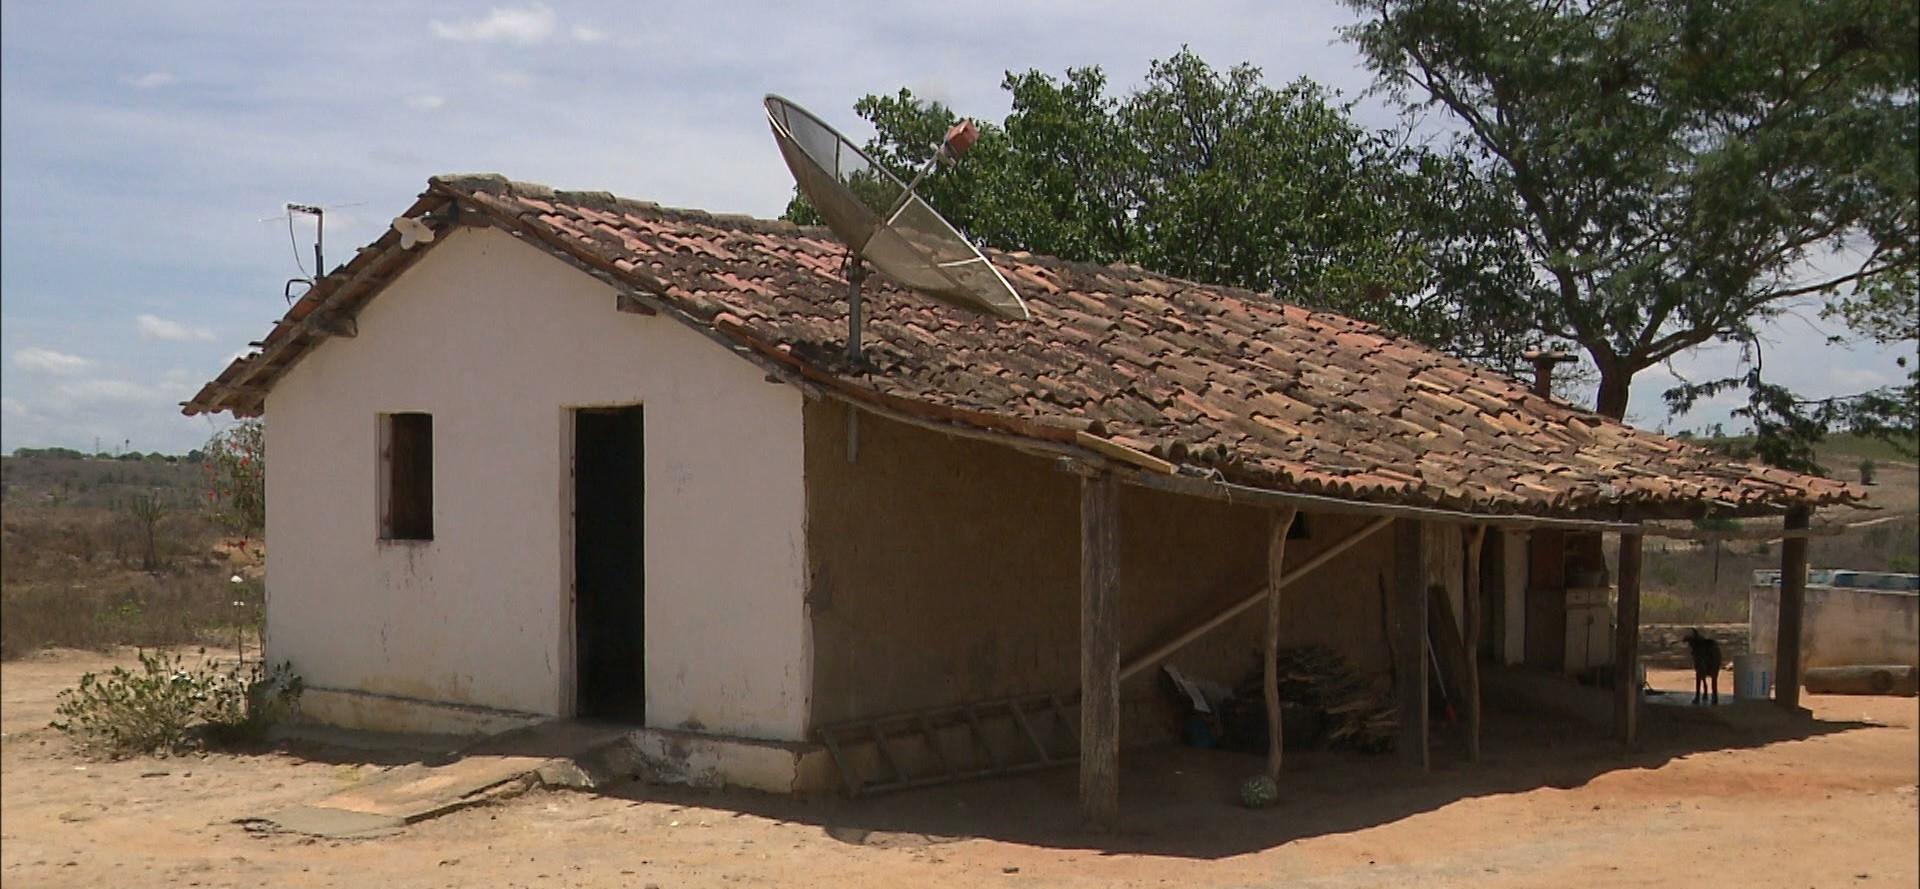 Quatro homens invadem casa de cadeirantes e roubam dinheiro, na Paraíba